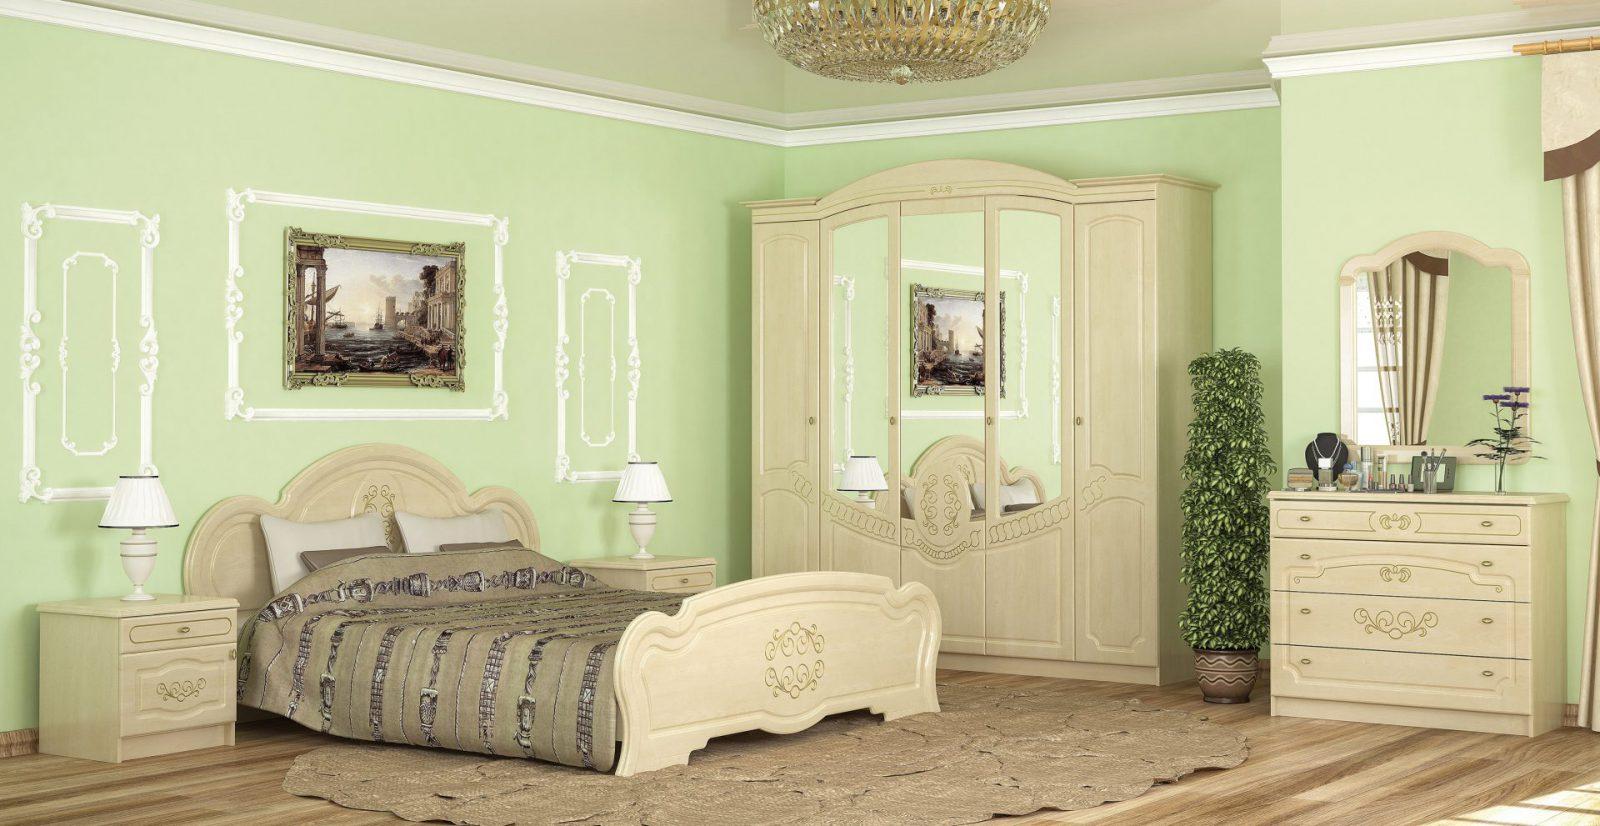 Барокко Прикроватные тумбы (2 шт.) Мебель Сервис